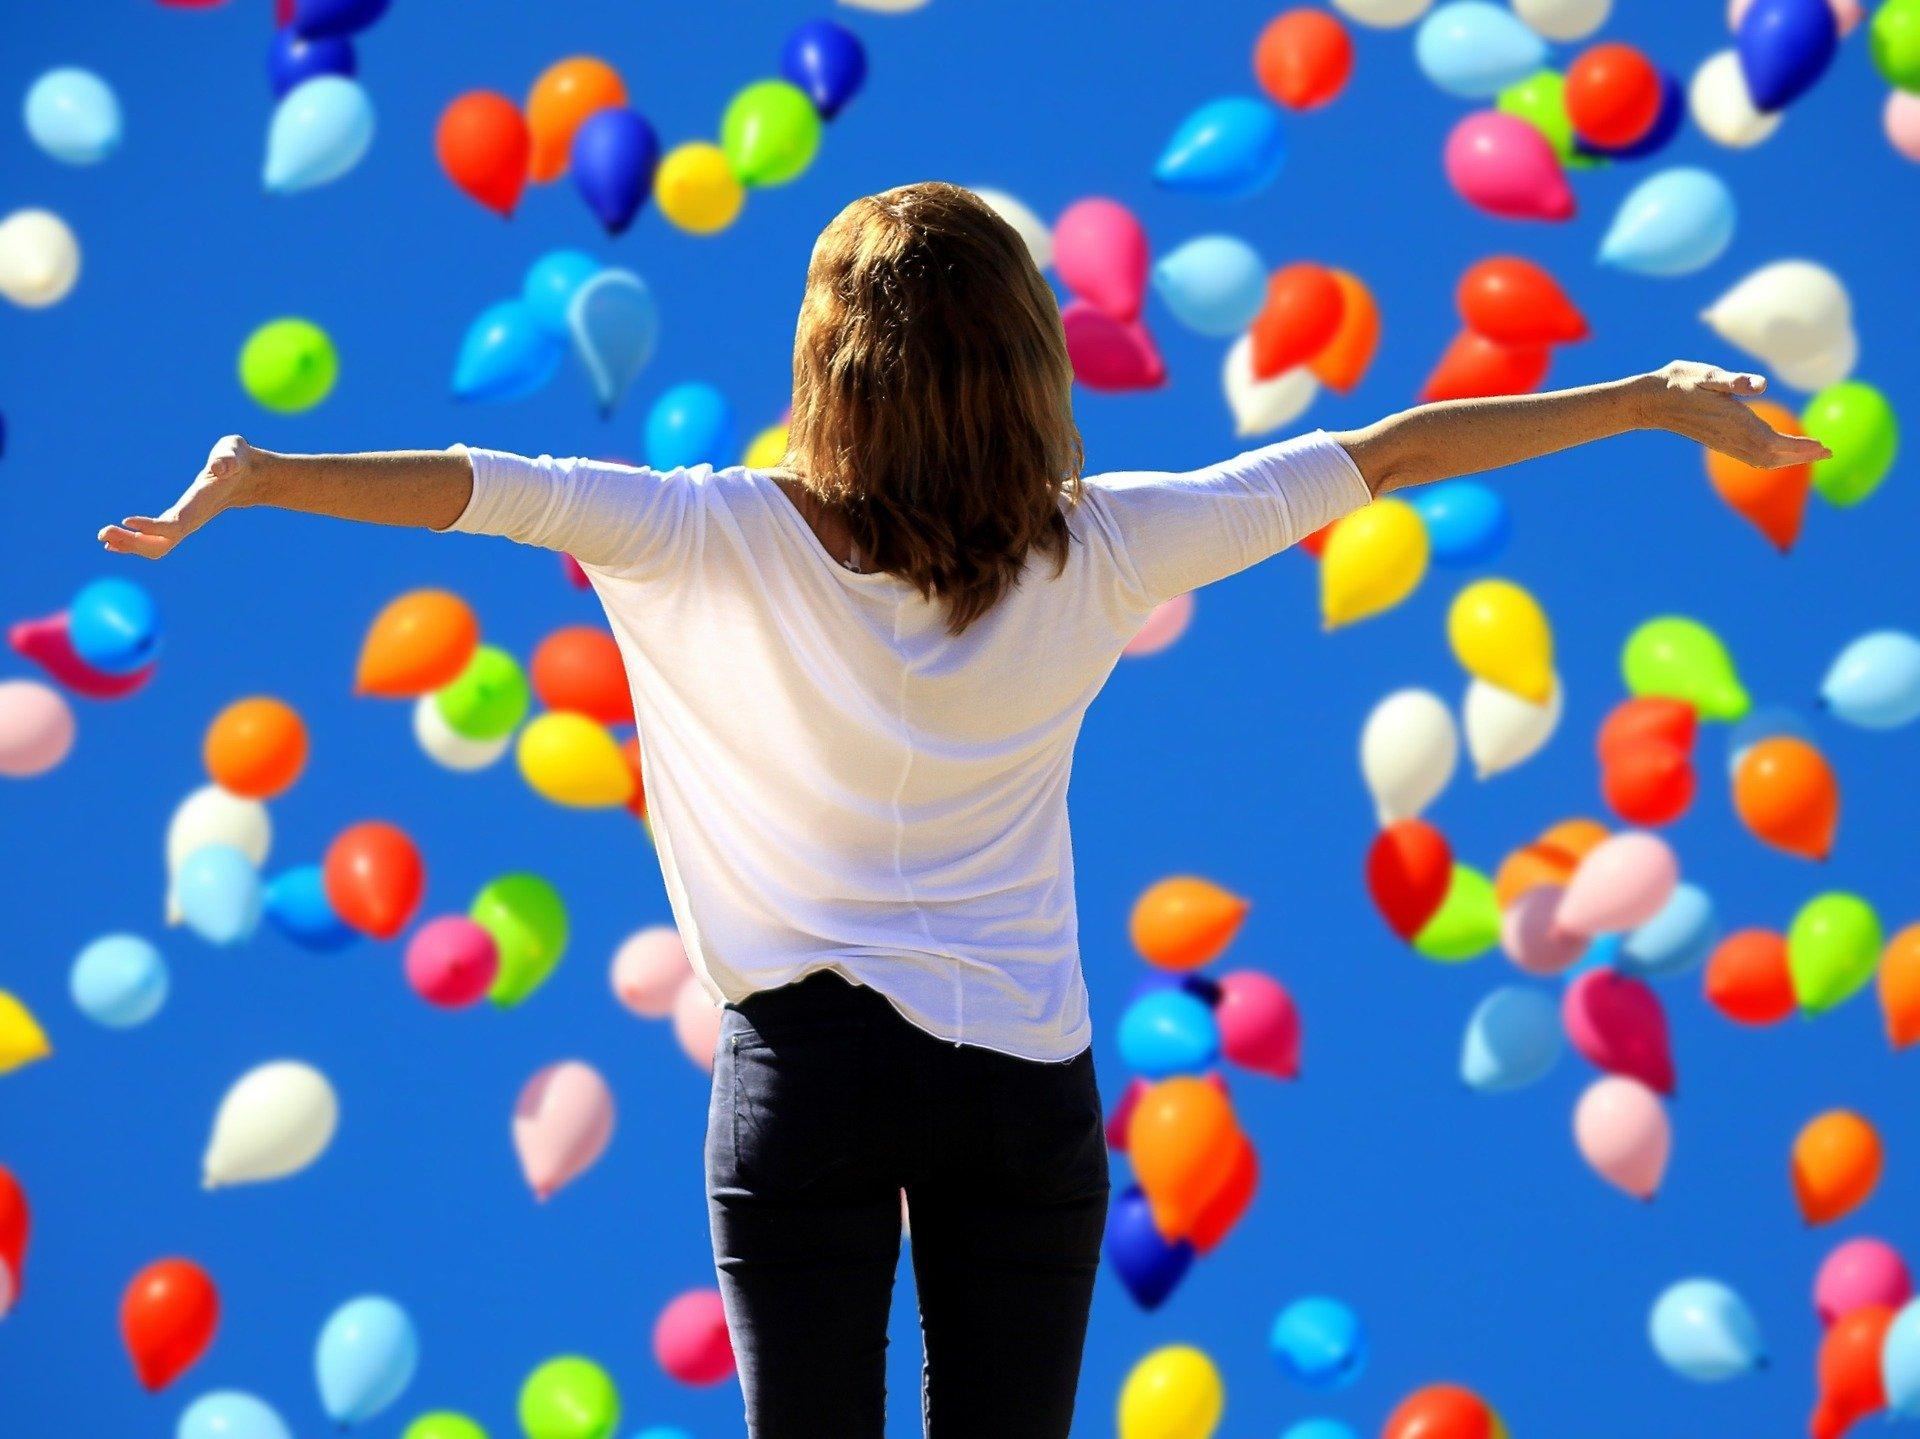 Mulher com braços abertos, ao fundo há diversos balões coloridos voando no céu